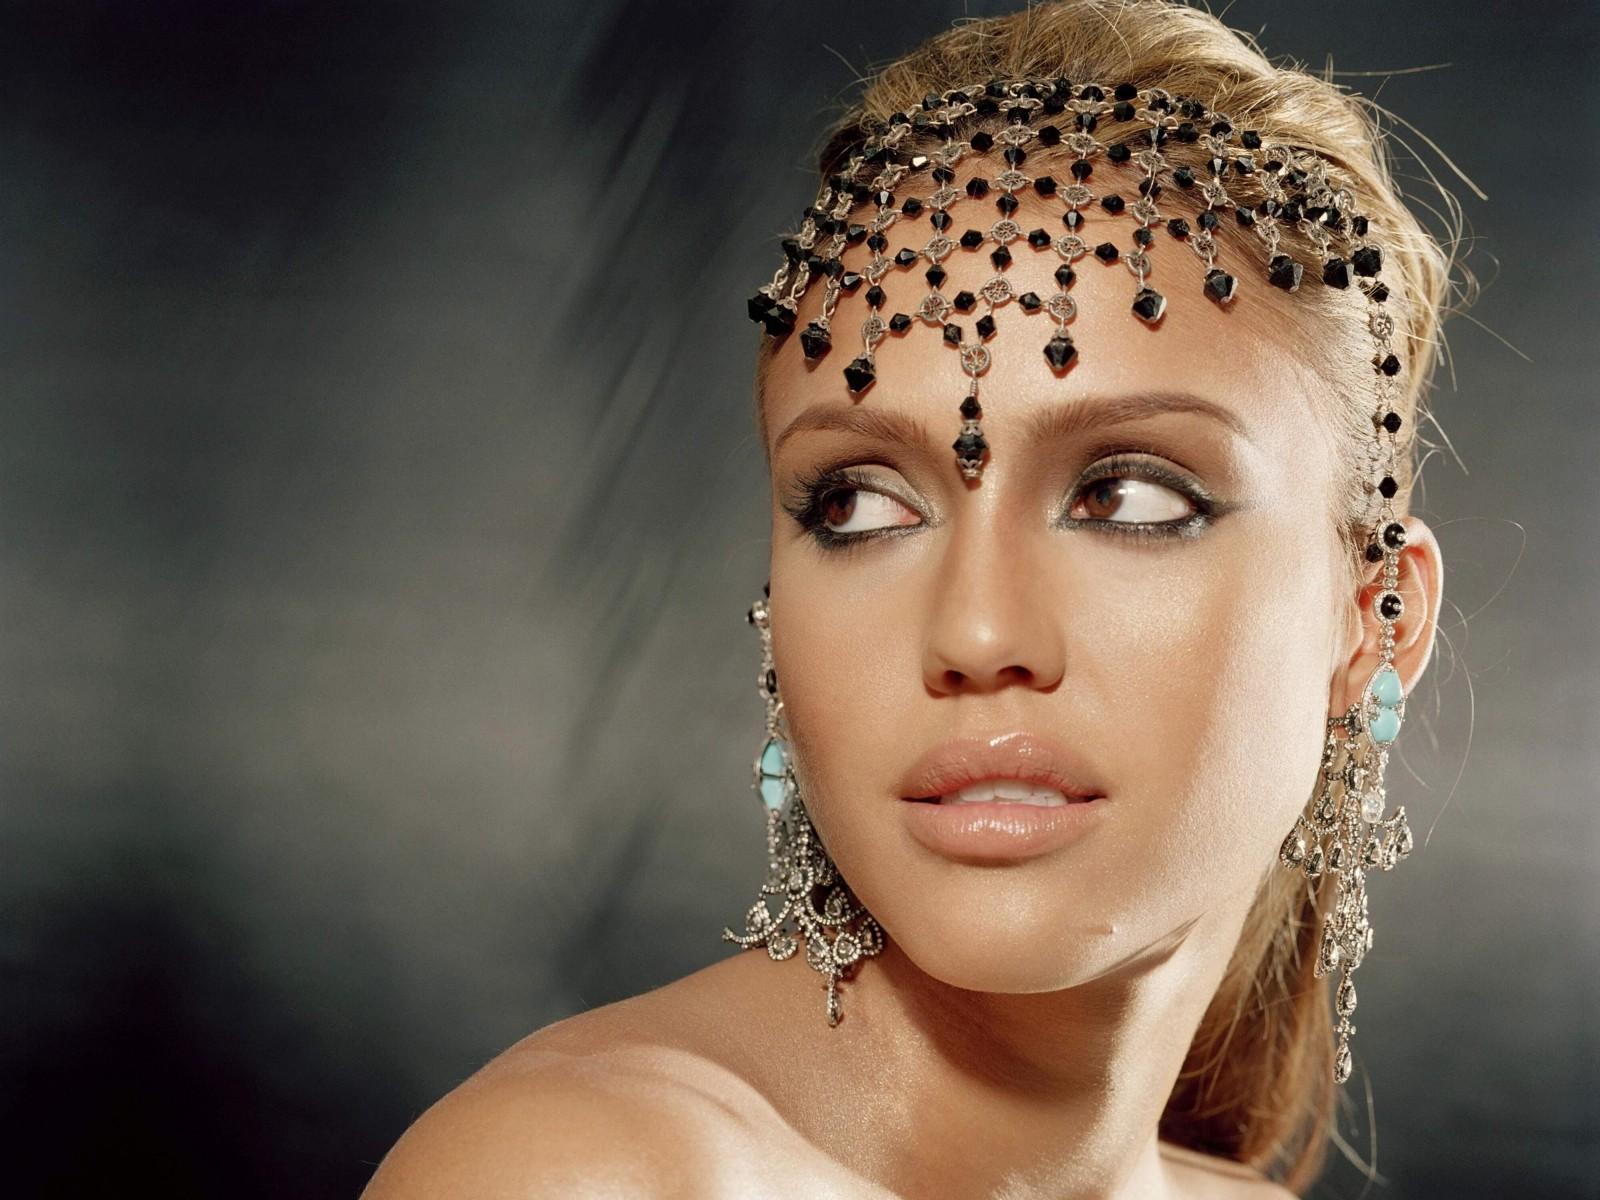 http://3.bp.blogspot.com/-CiIuGKk-Bi0/TyMwt341GAI/AAAAAAAAD88/lVpIqcRmYmI/s1600/jessica-alba-2012.jpg